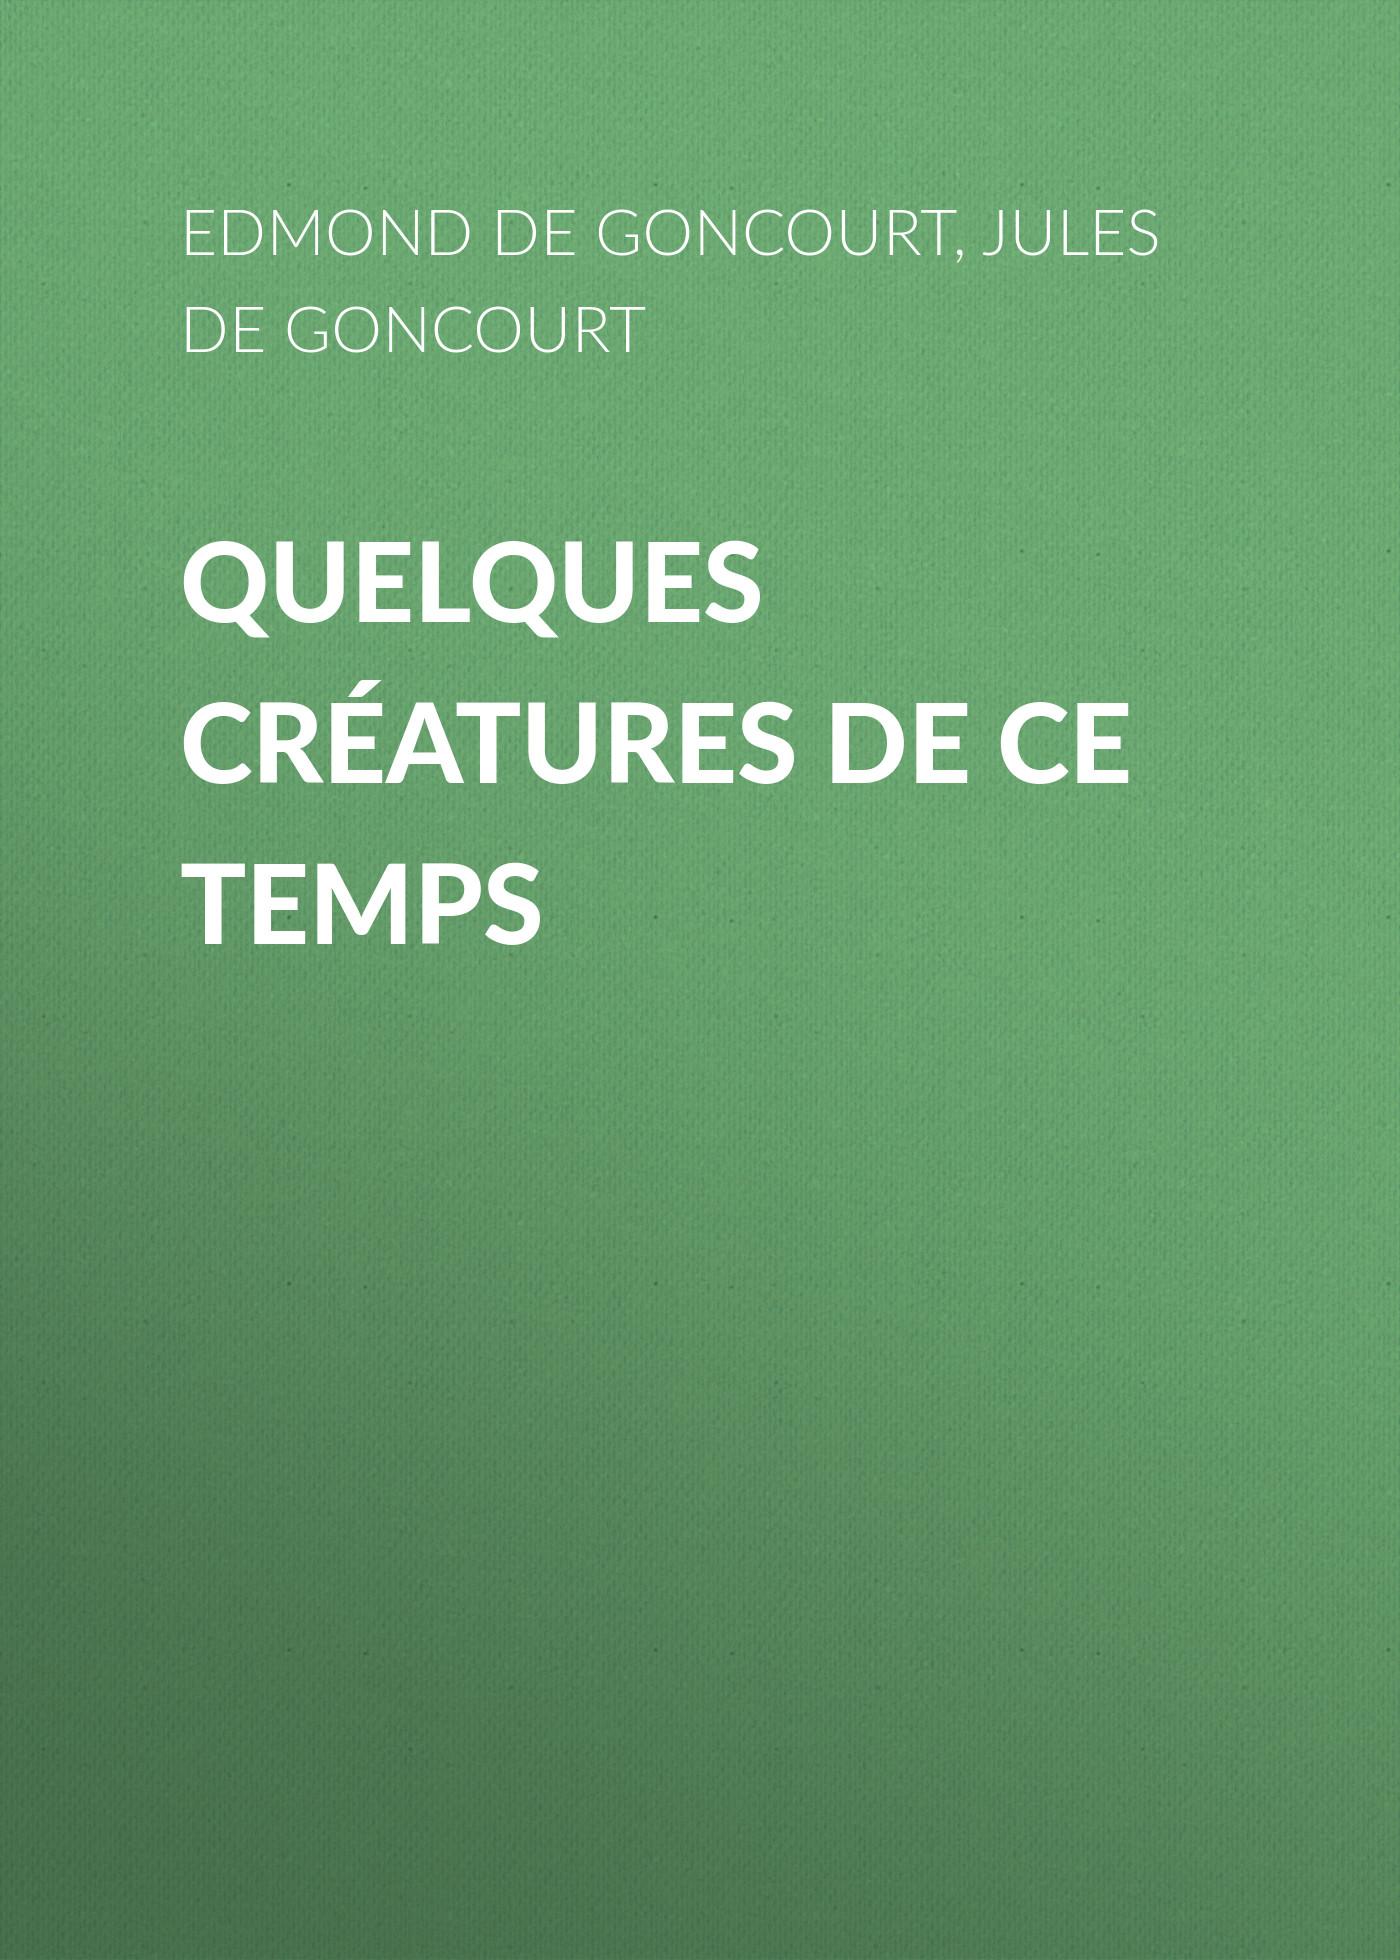 лучшая цена Edmond de Goncourt Quelques créatures de ce temps